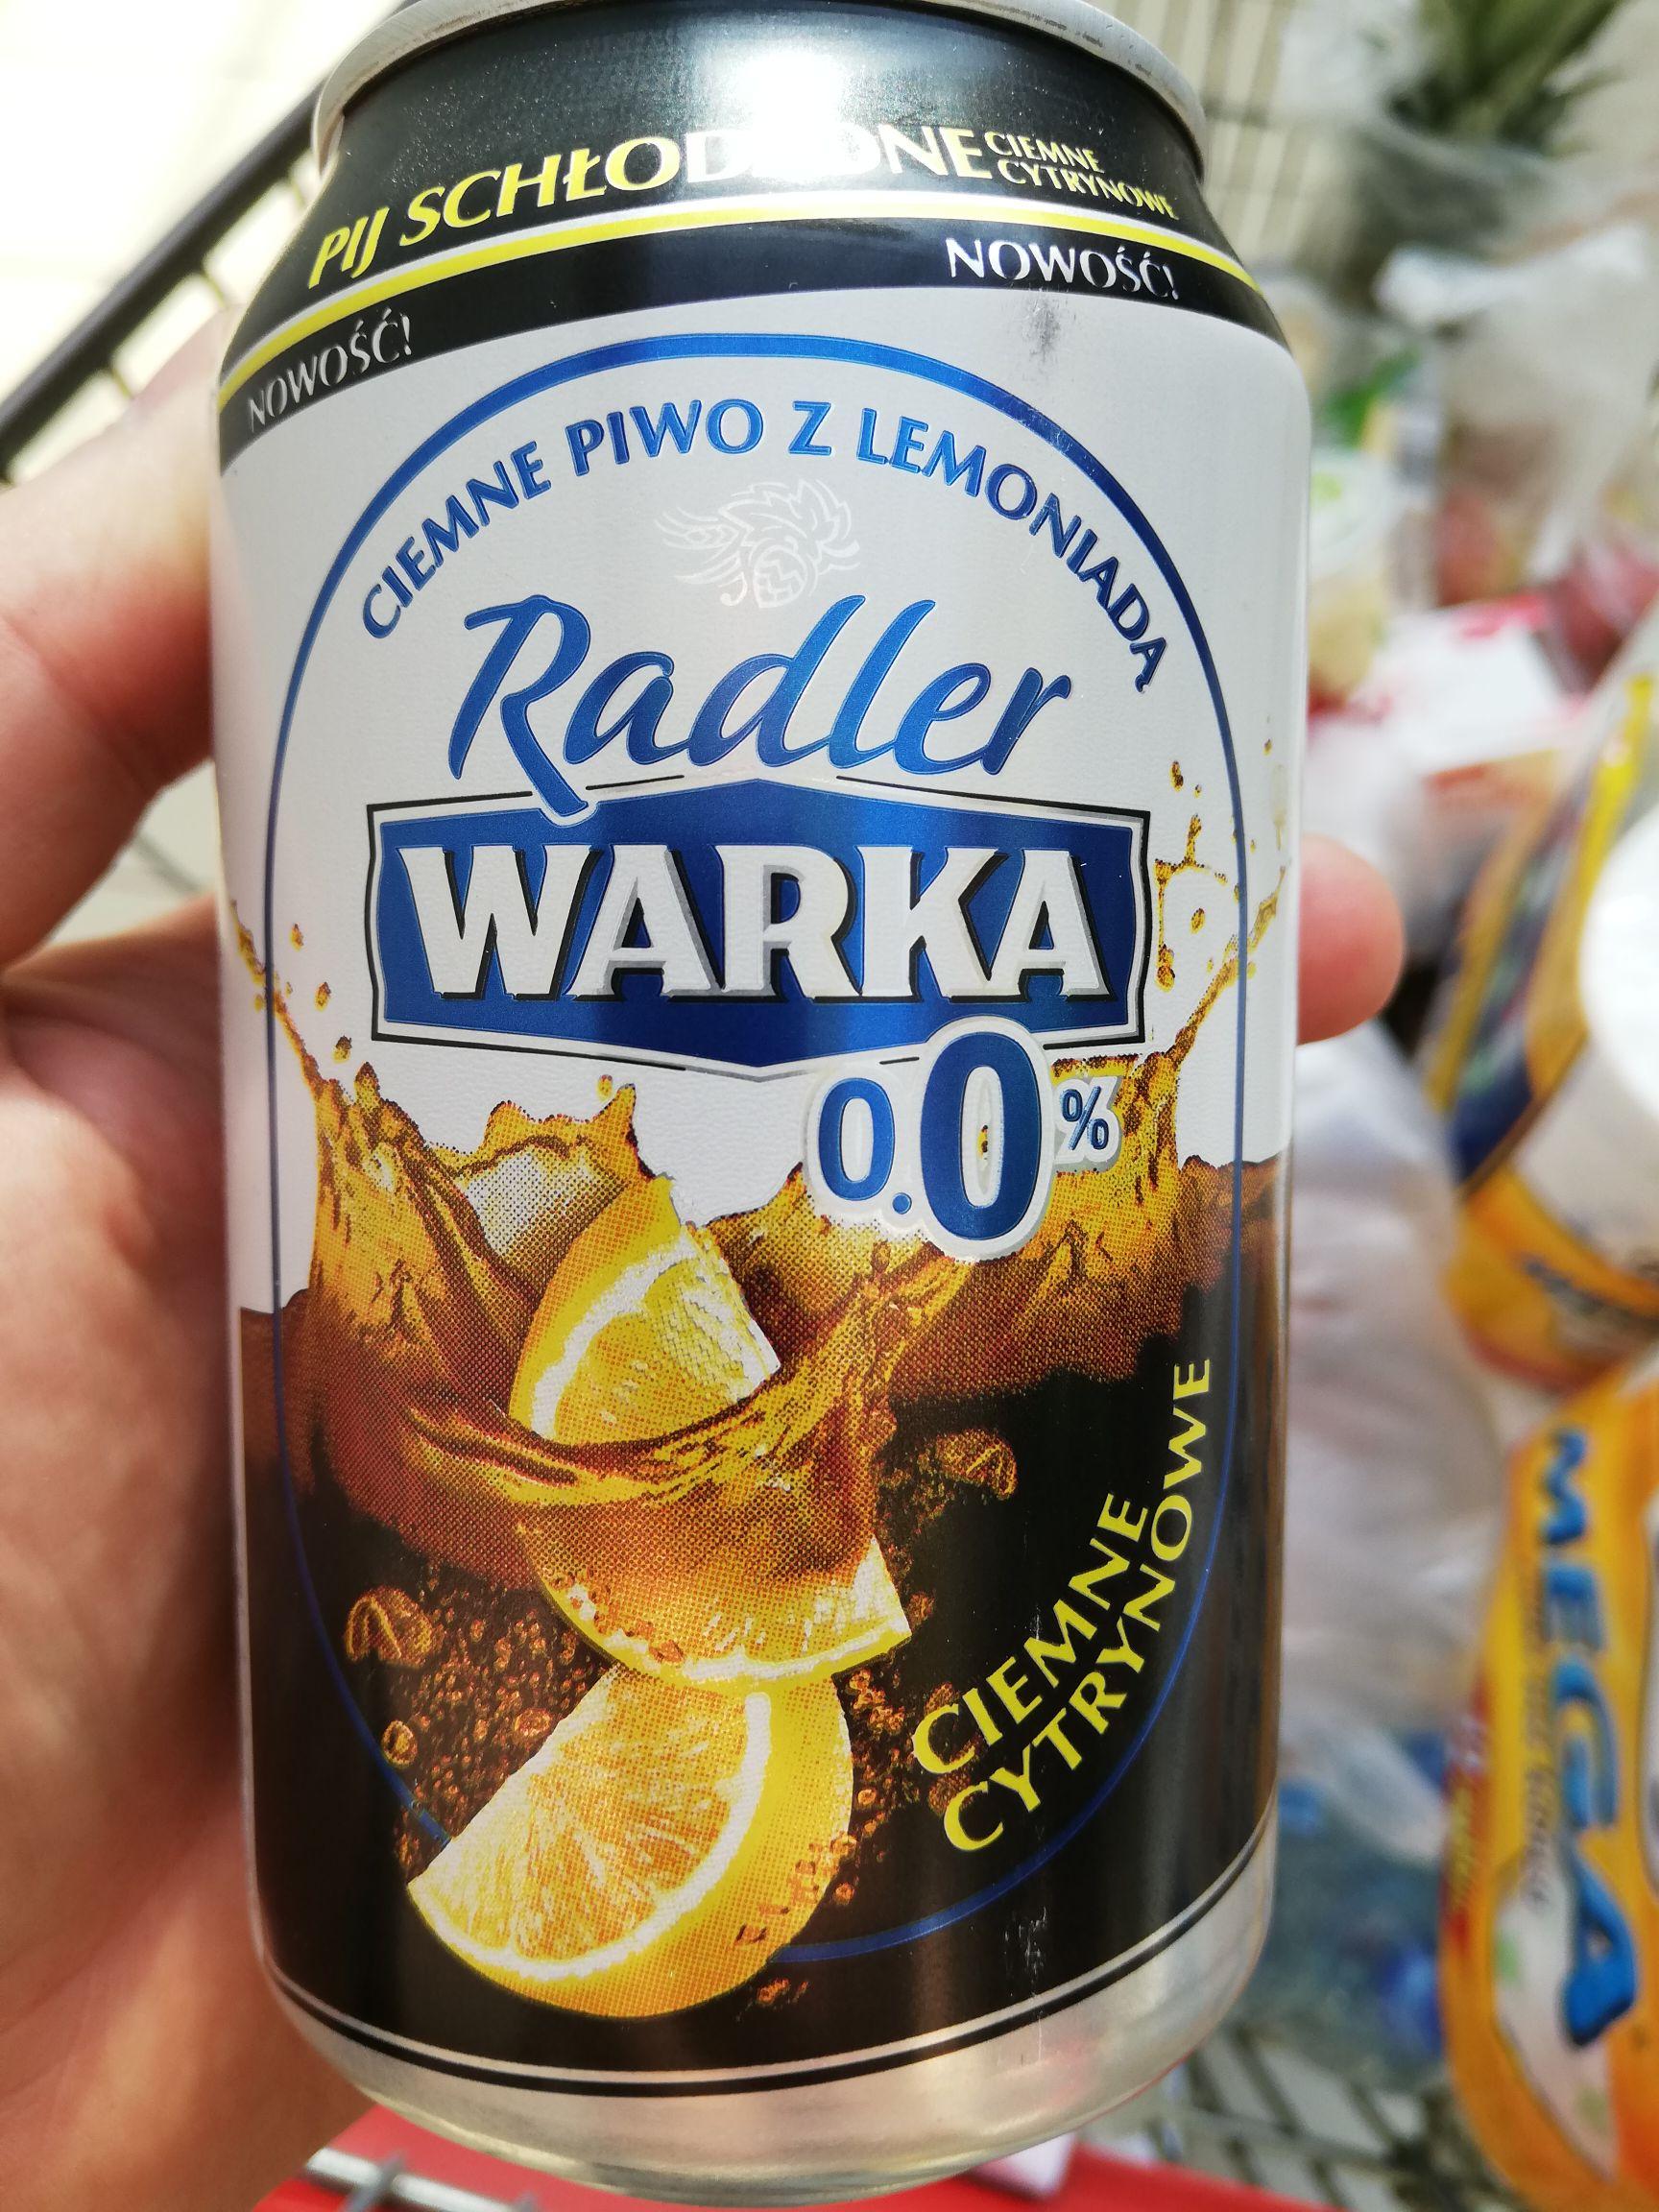 Piwo 0% za darmo (Sosnowiec)